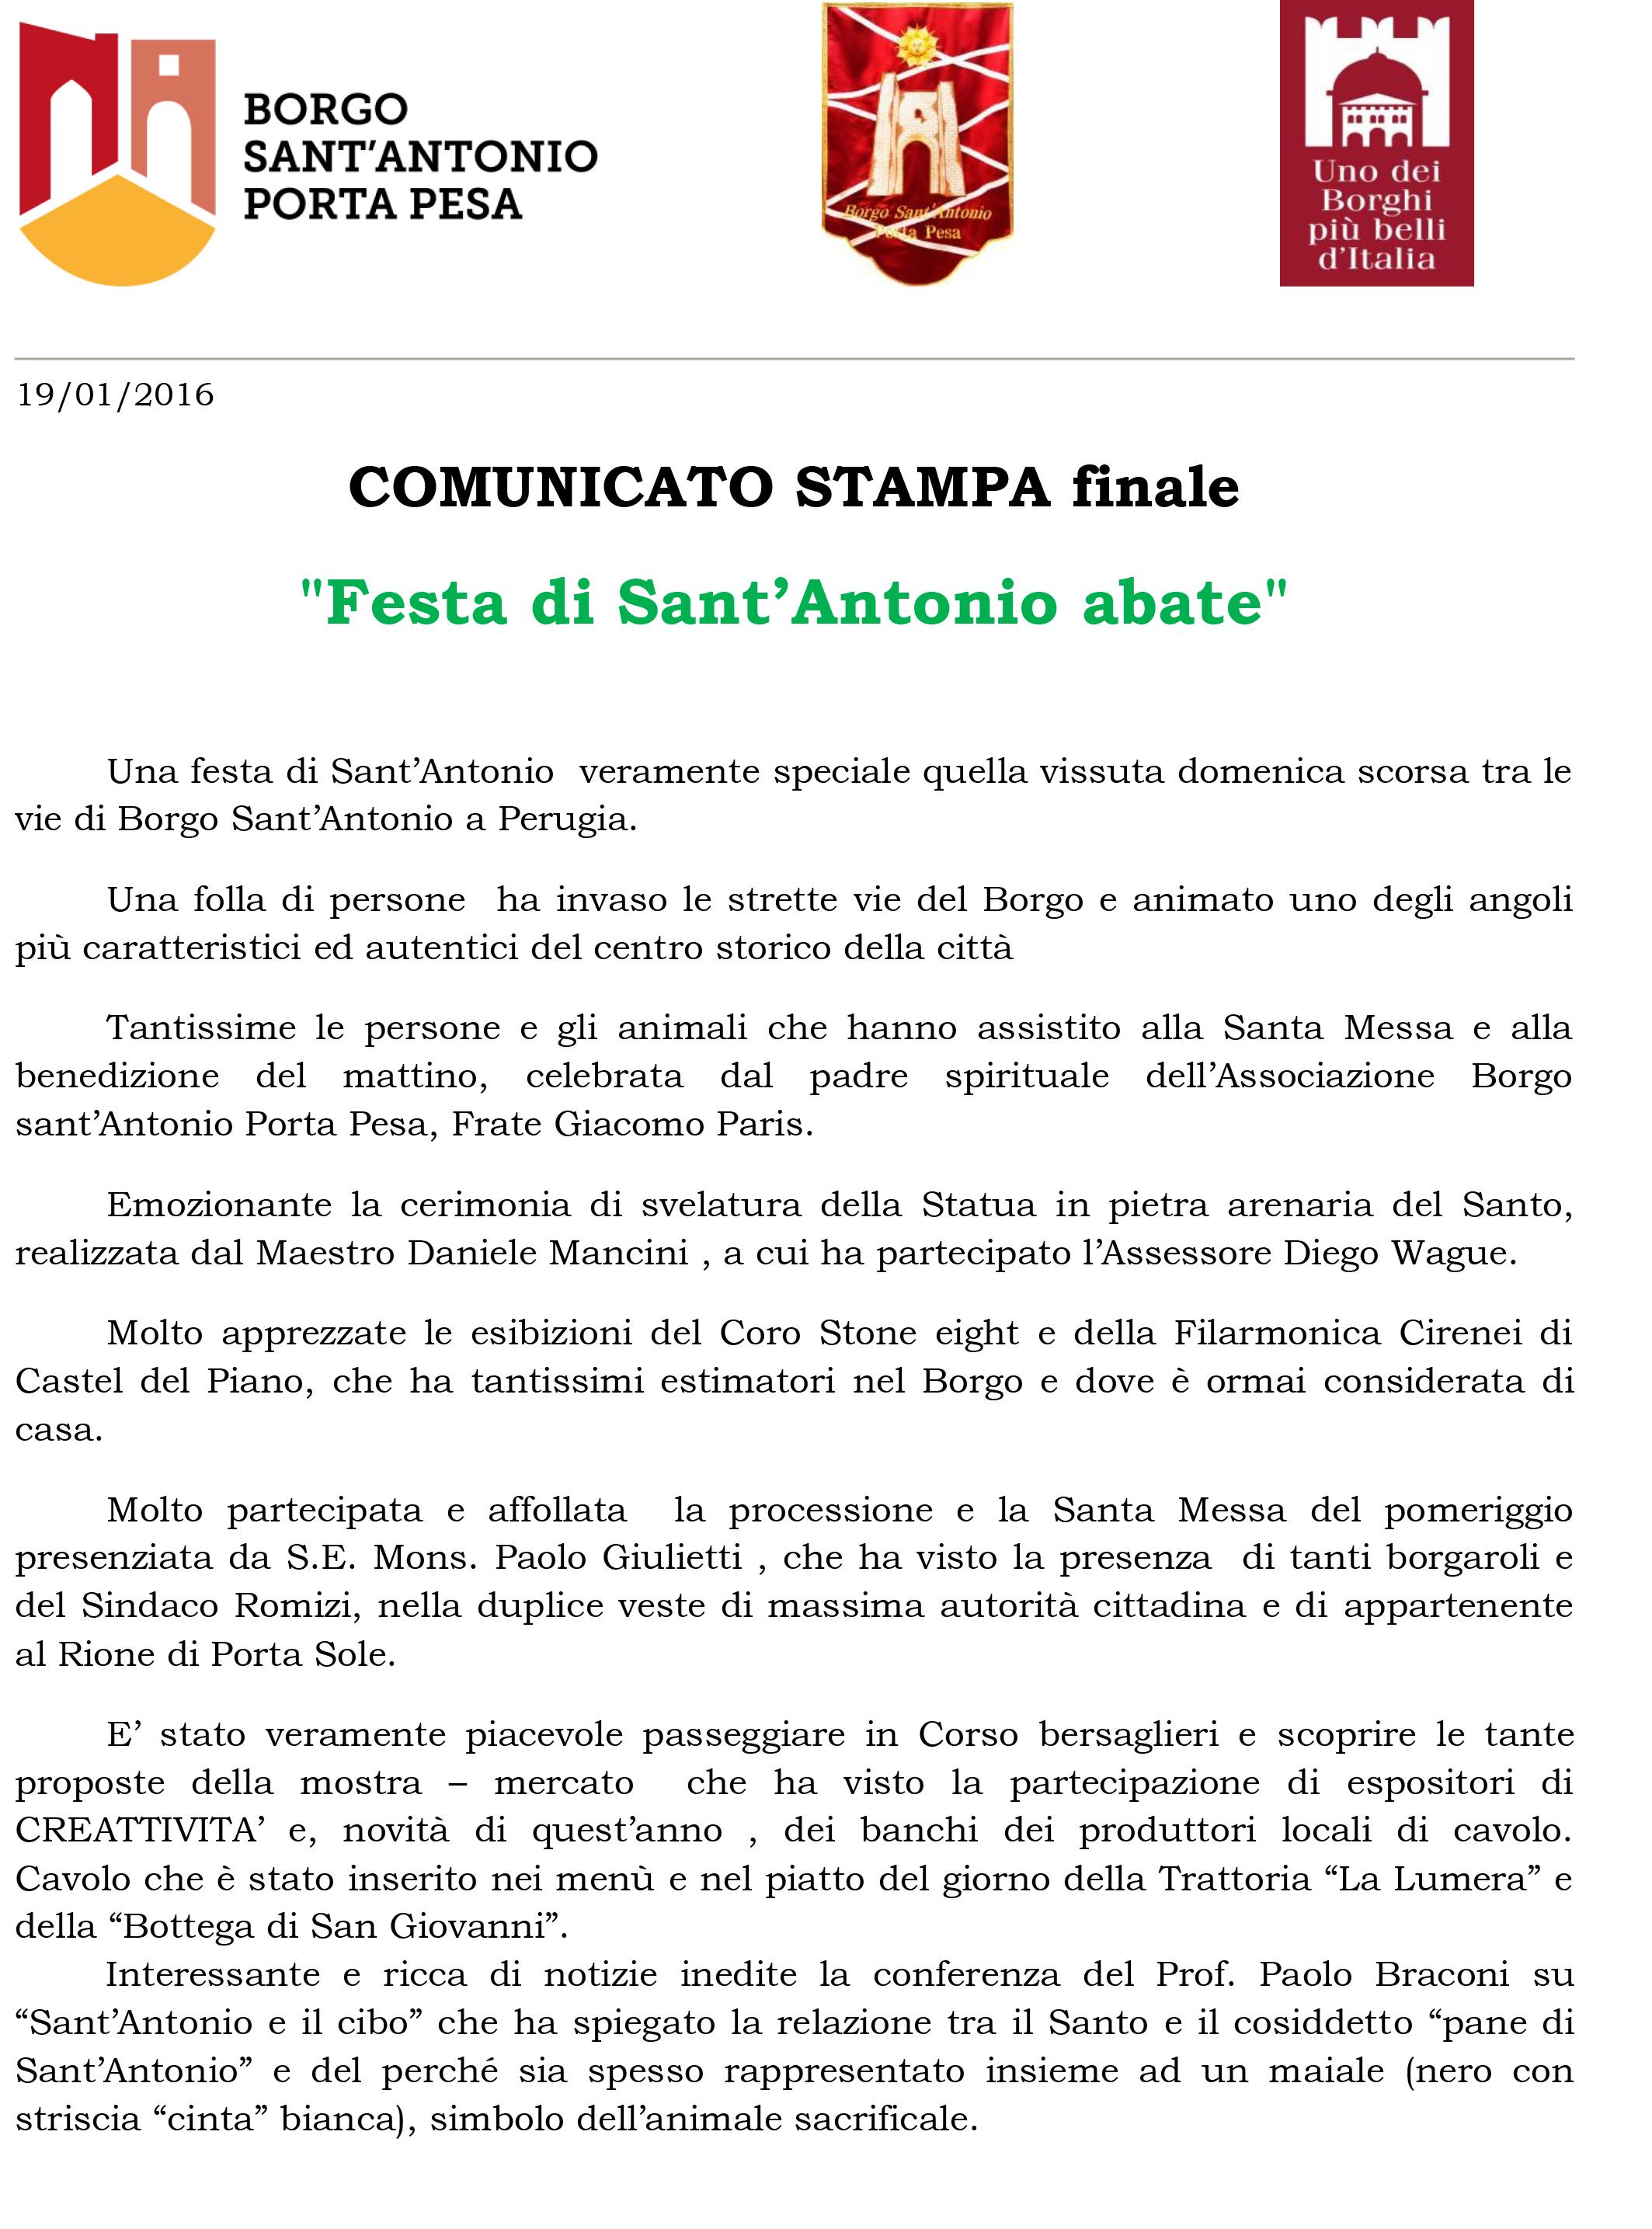 COMUNICATO STAMPA Festa Sant'Antonio finale-1